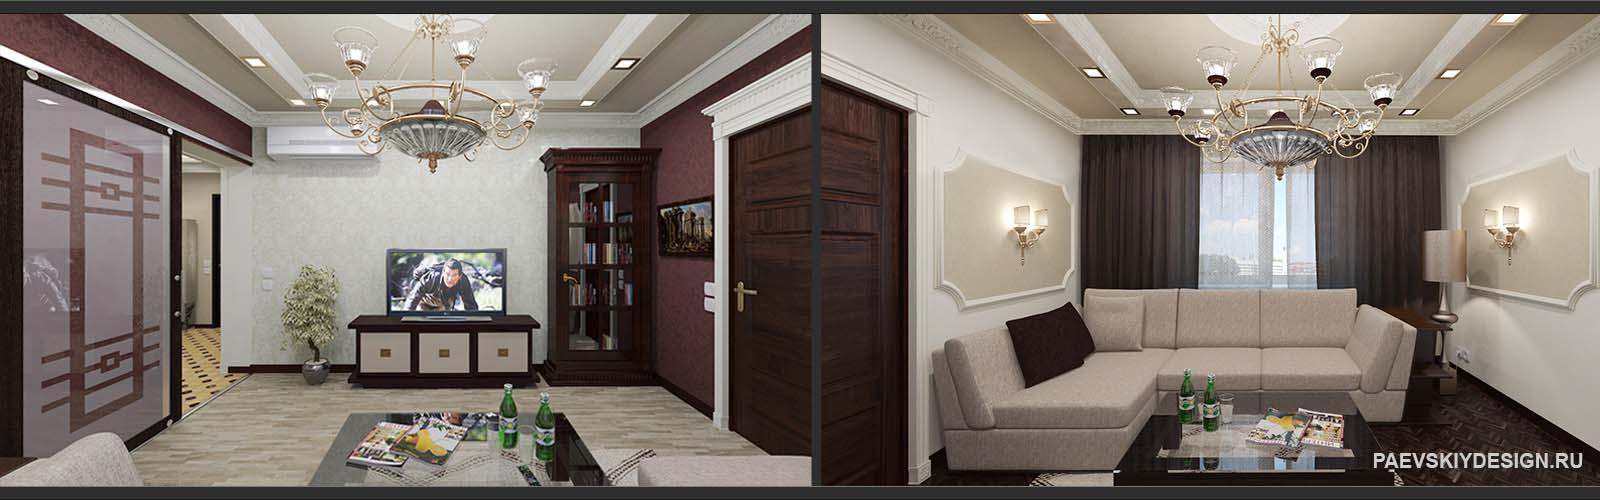 варианты оформления гостиной в классическом стиле